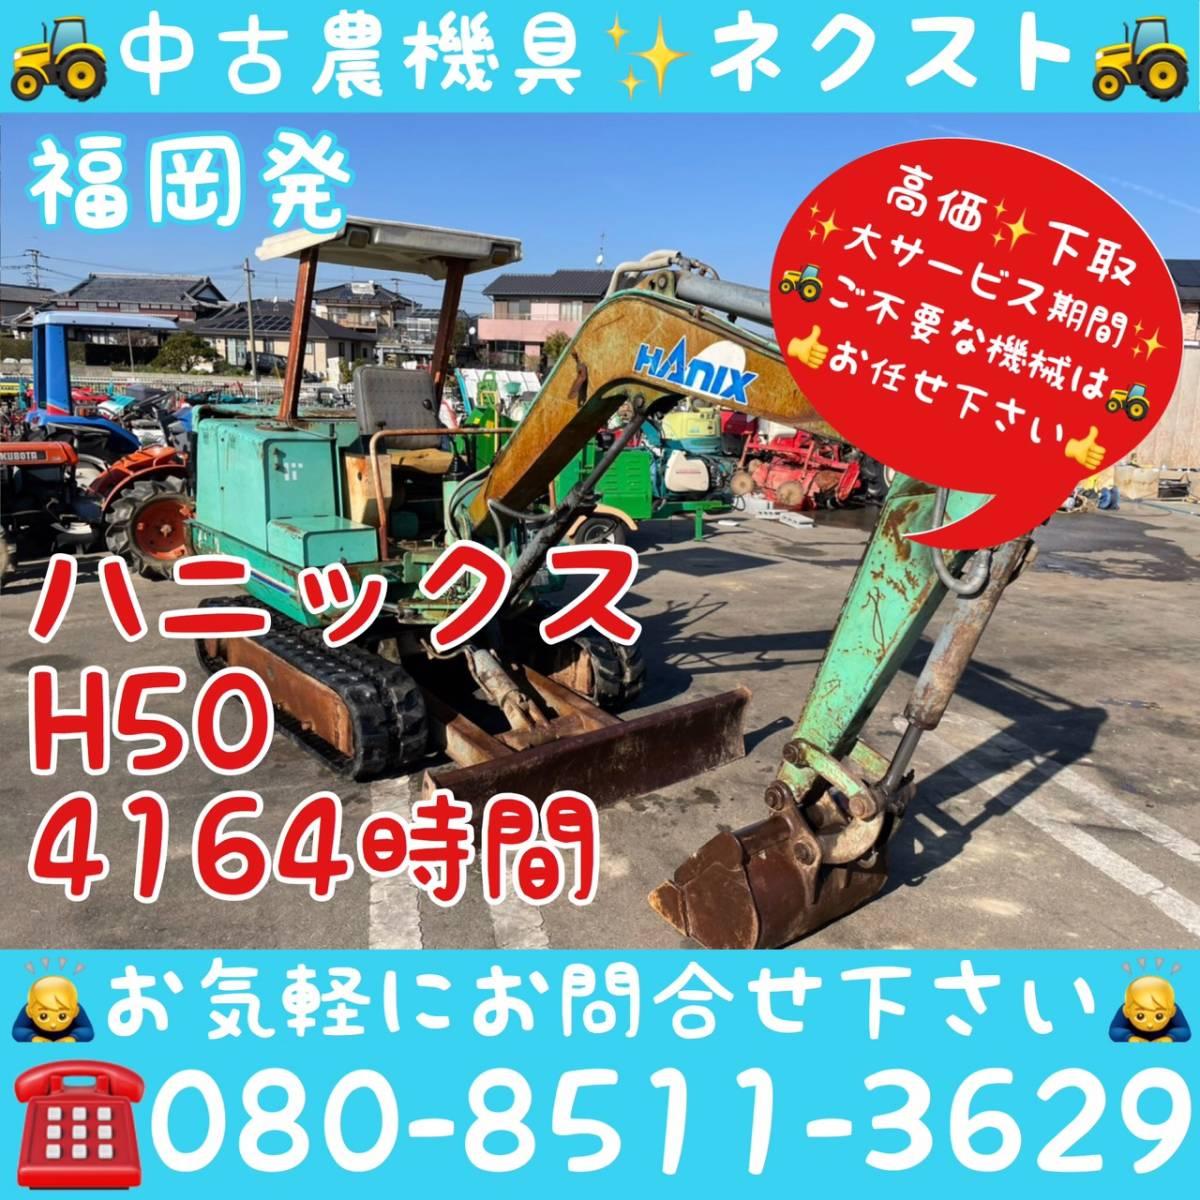 「ハニックス H50 ユンボ バックホー 4164時間 福岡県発」の画像1